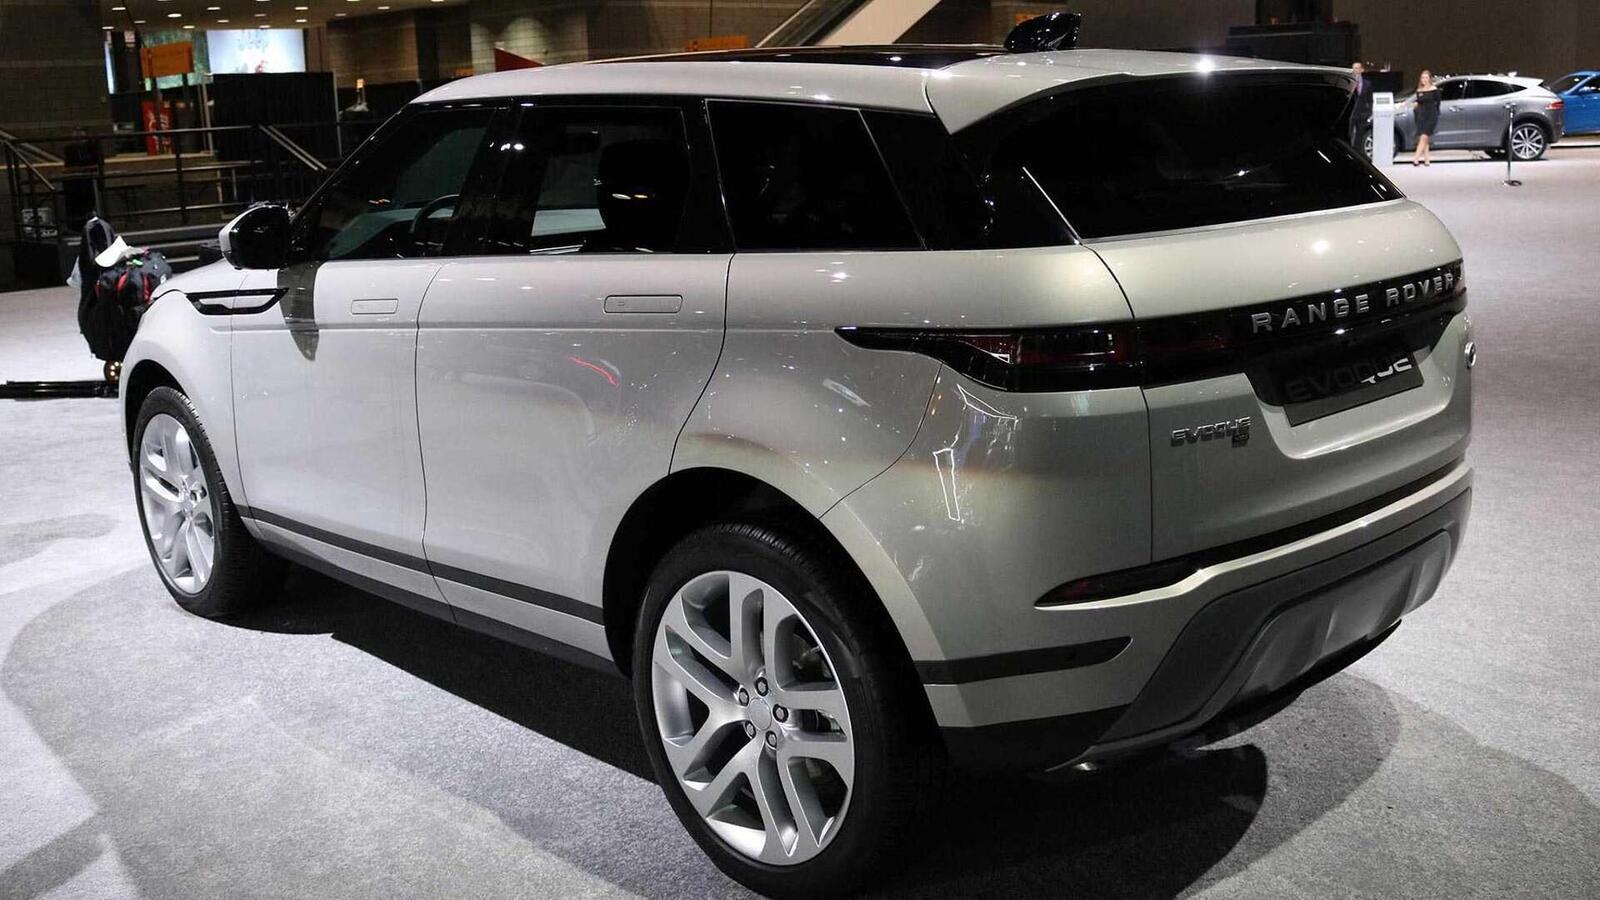 Range Rover Evoque mới tại Mỹ có giá từ 43.645 USD, đắt hơn Audi Q5 và Mercedes GLC - Hình 3